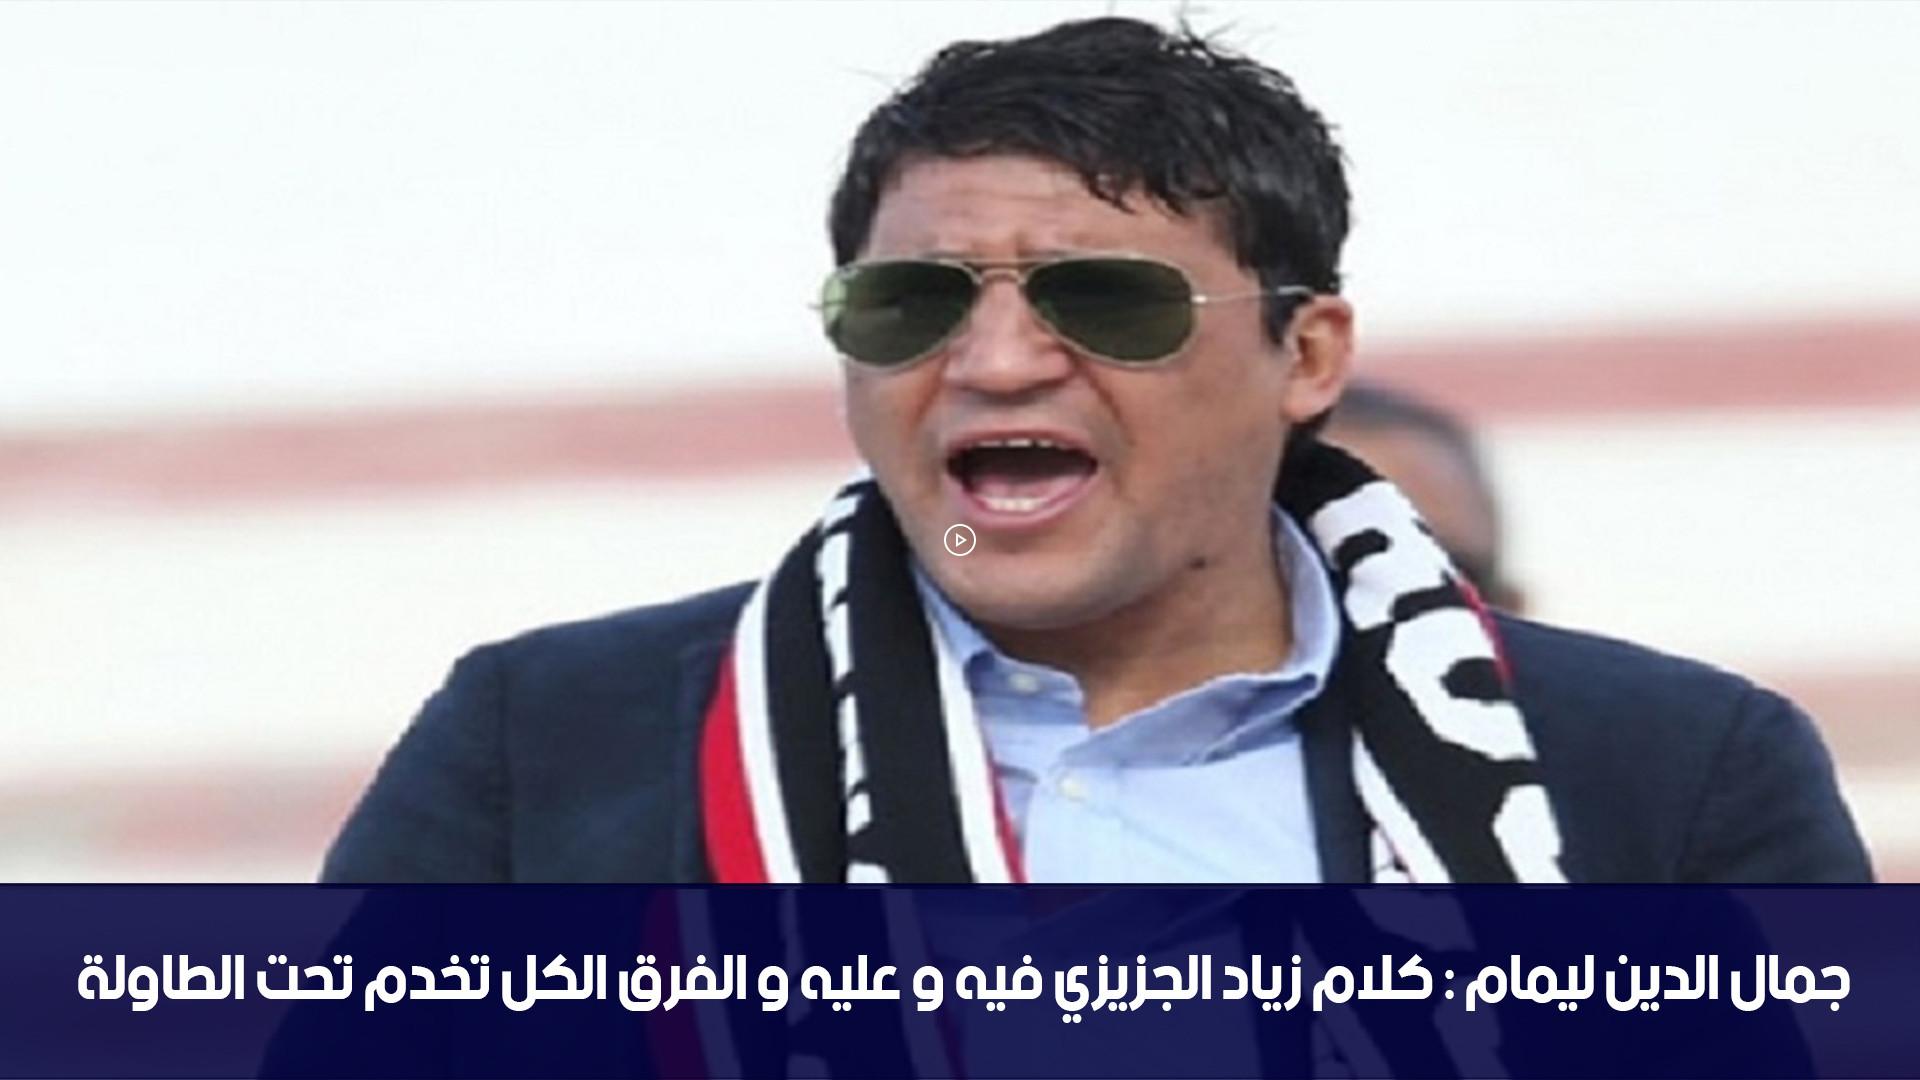 جمال الدين ليمام : كلام زياد الجزيزي فيه و عليه و الفرق الكل تخدم تحت الطاولة